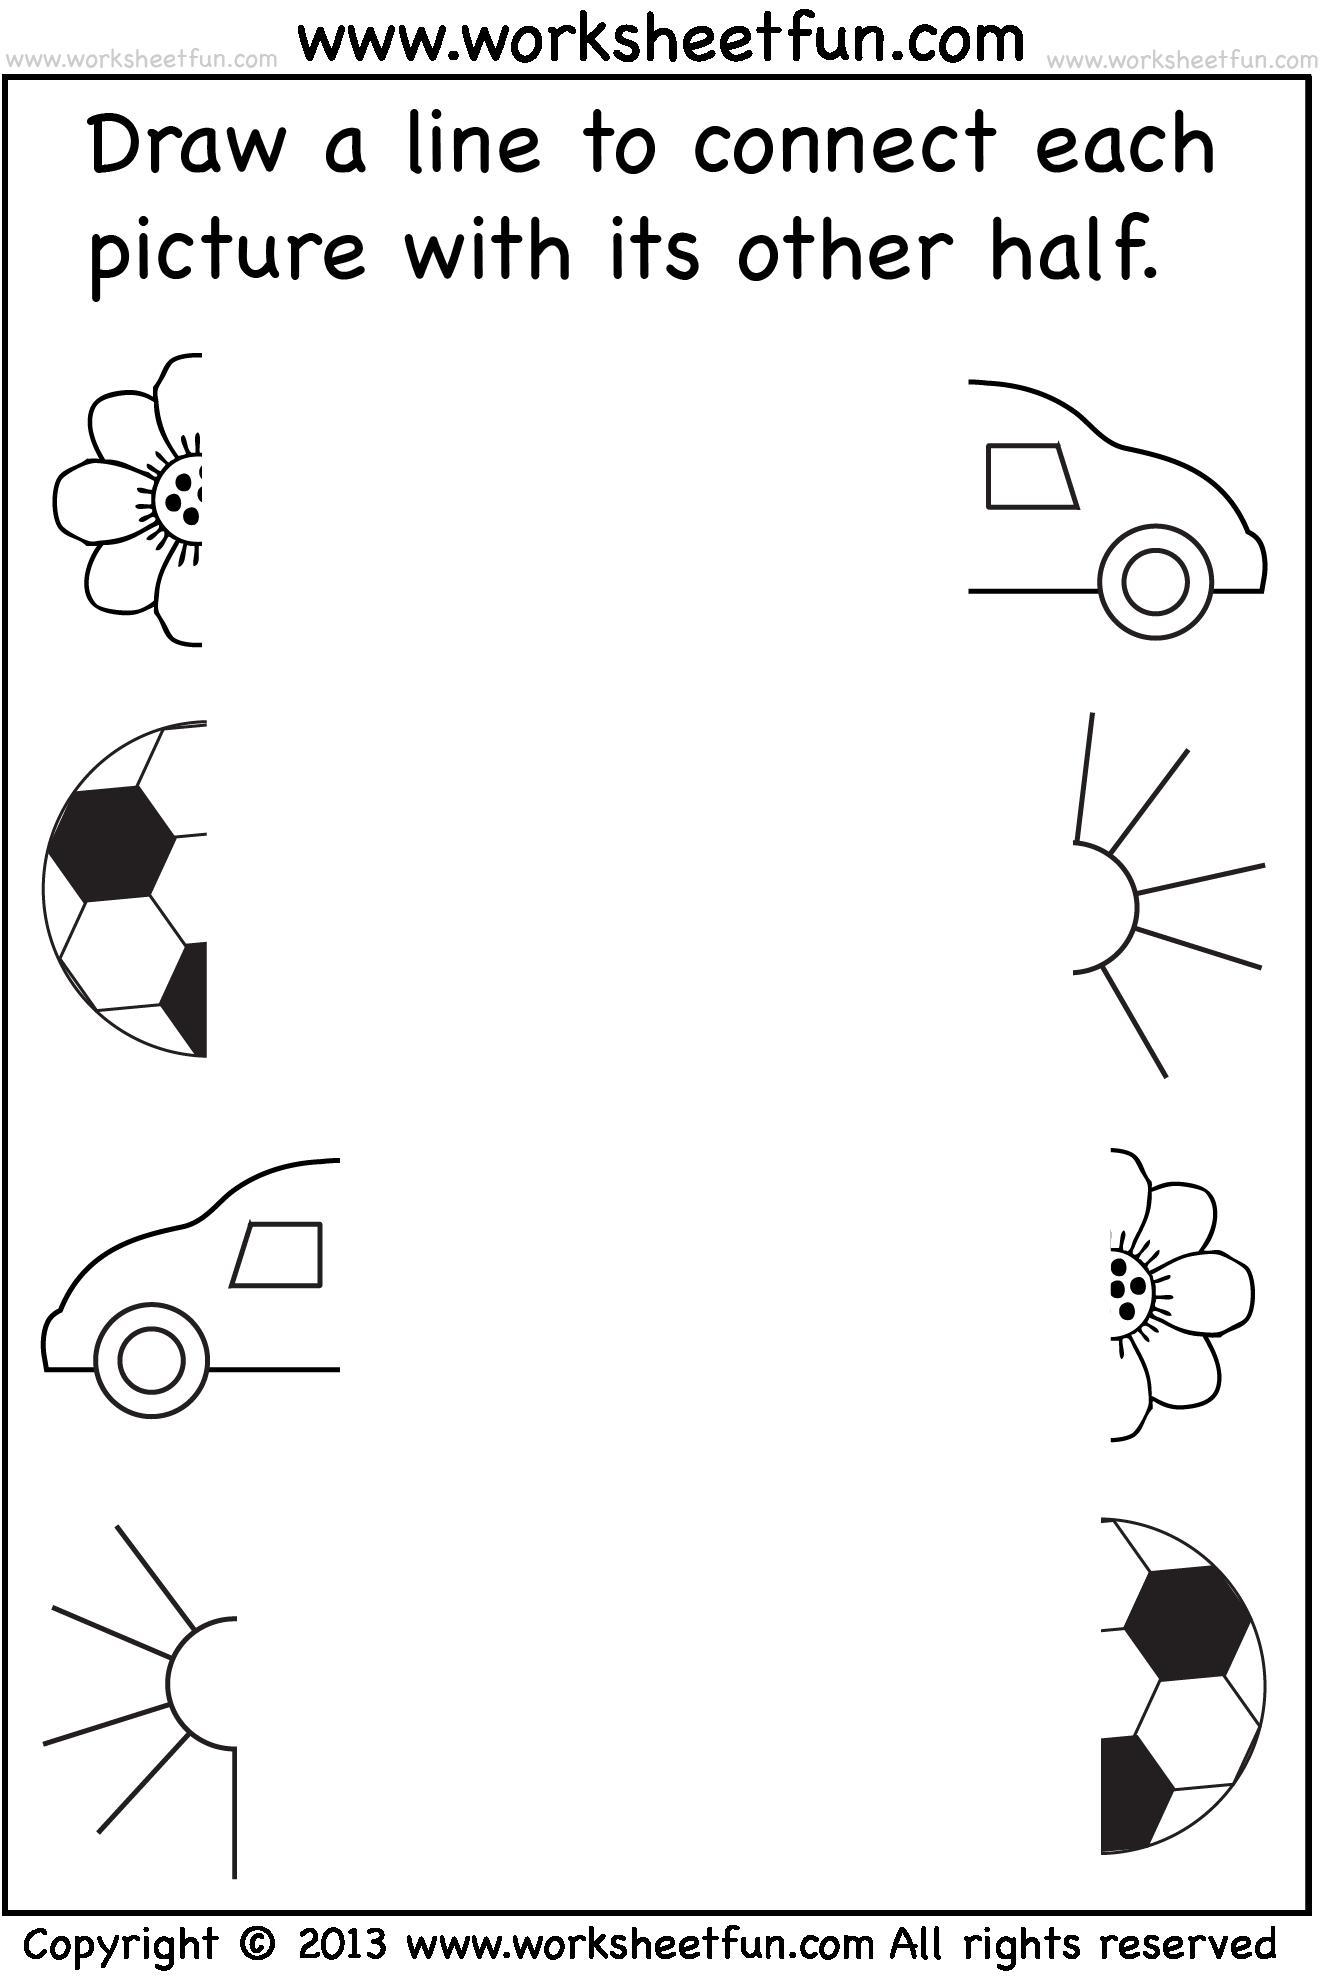 Preschool Worksheets - Connect Pictures - 5 Worksheets   Tarefas para  educação infantil [ 1982 x 1322 Pixel ]